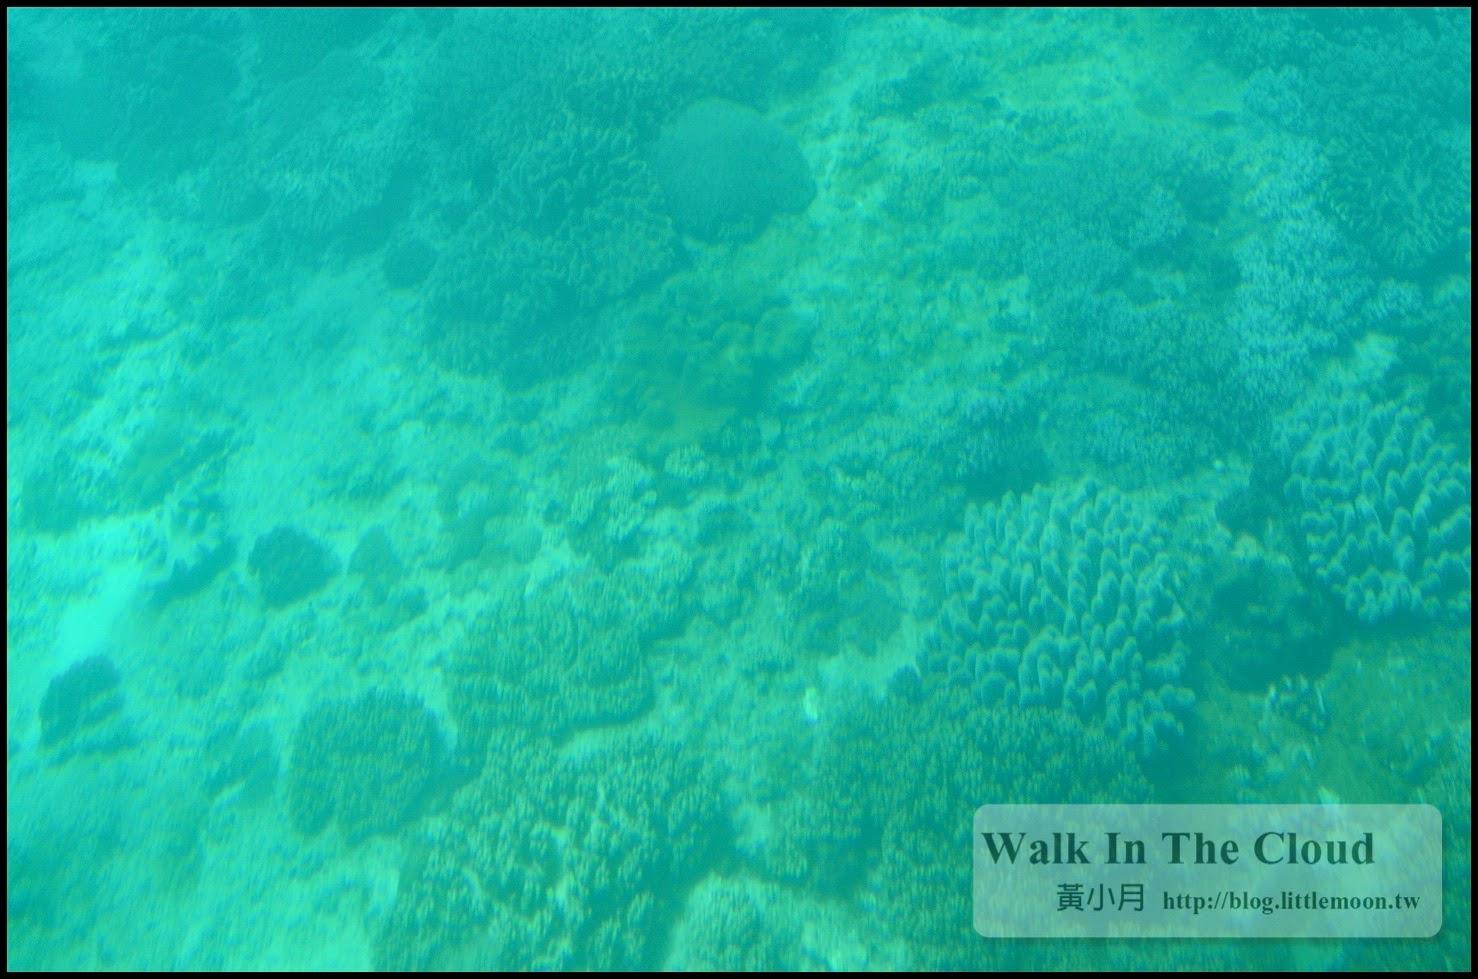 半潛艇下觀看海洋生態